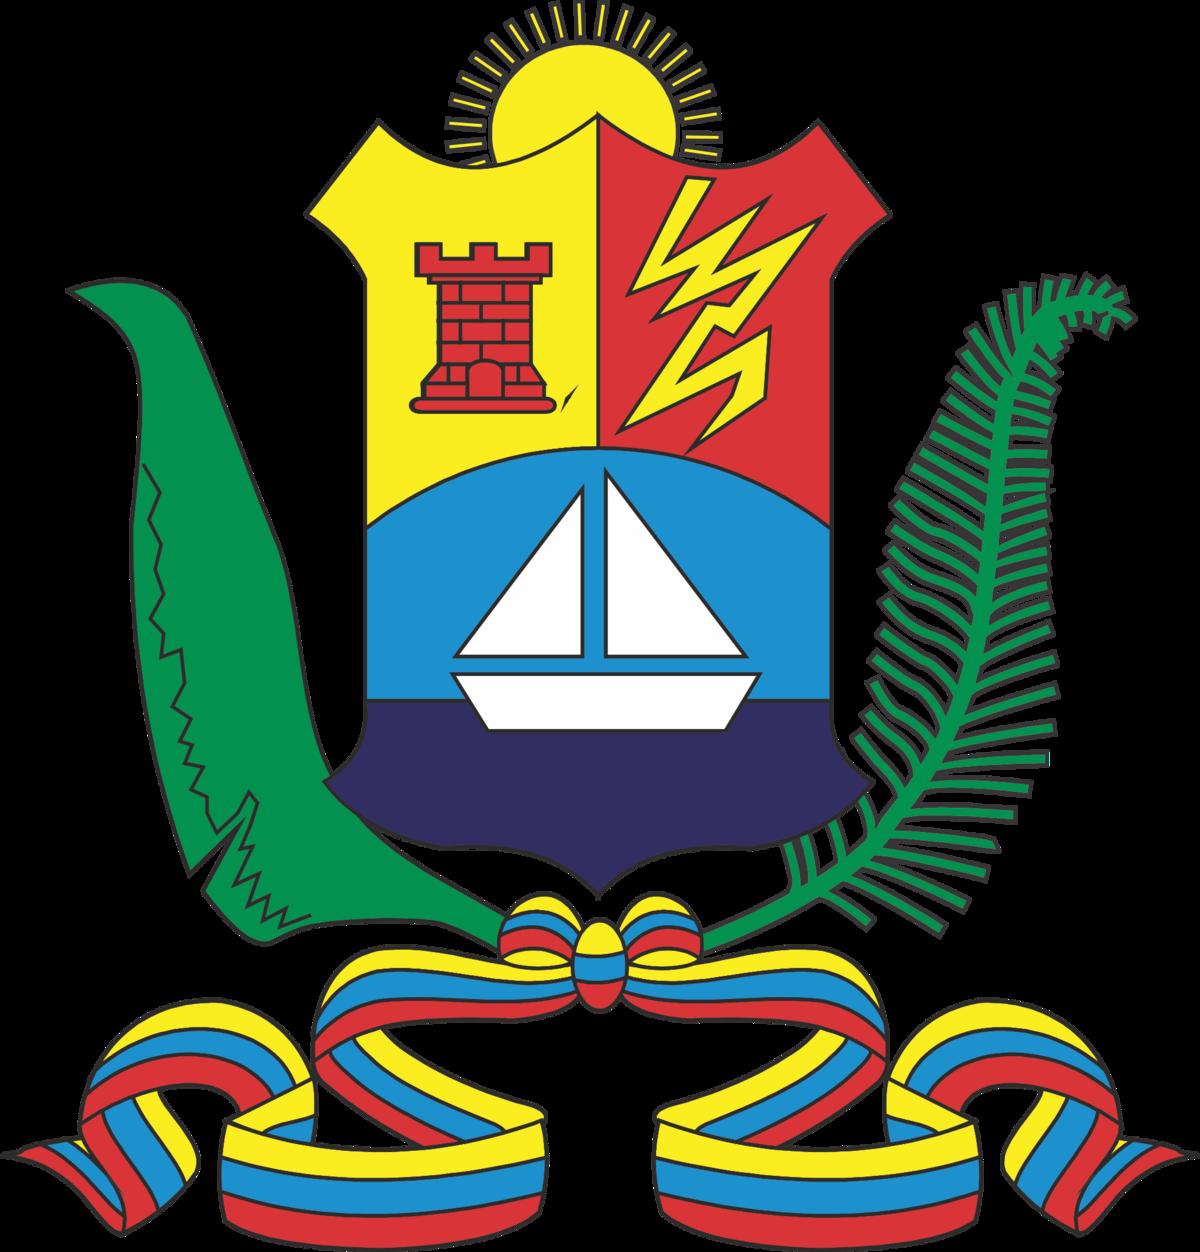 Escudo de armas del estado Zulia - Wikipedia, la enciclopedia libre